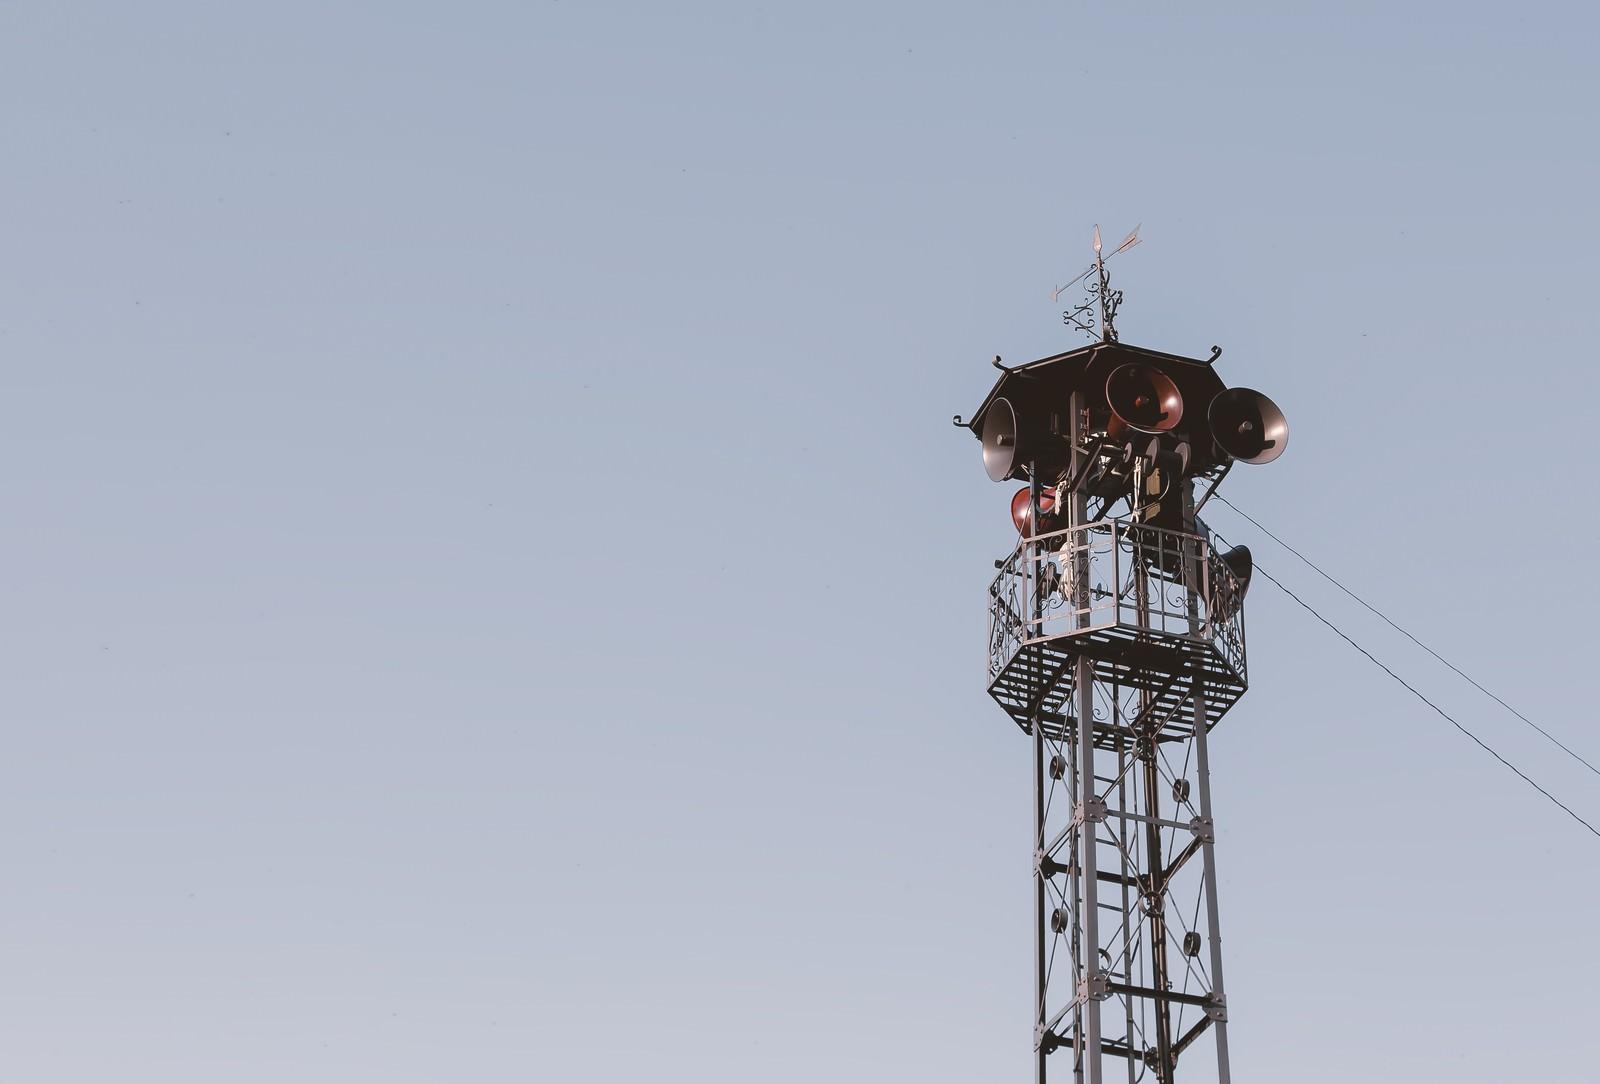 「火の見櫓のサイレン」の写真